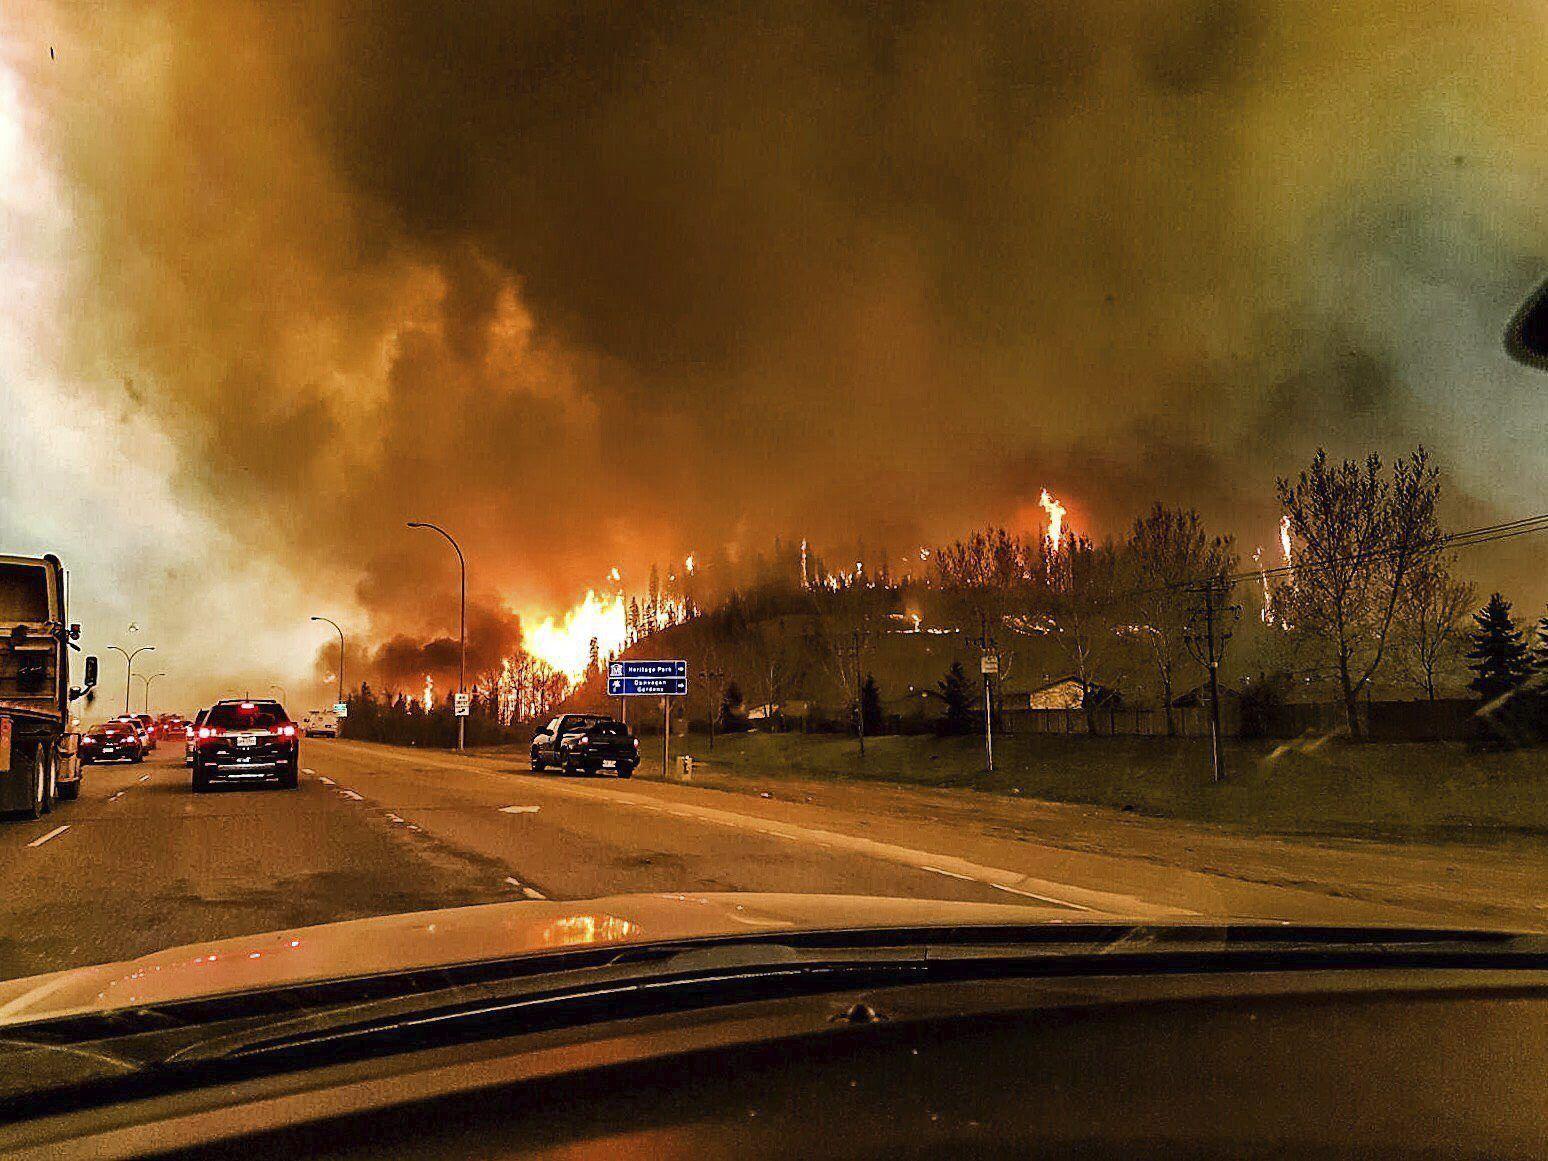 Así es el devastador incendio forestal que tiene cercada a una ciudad en Canadá